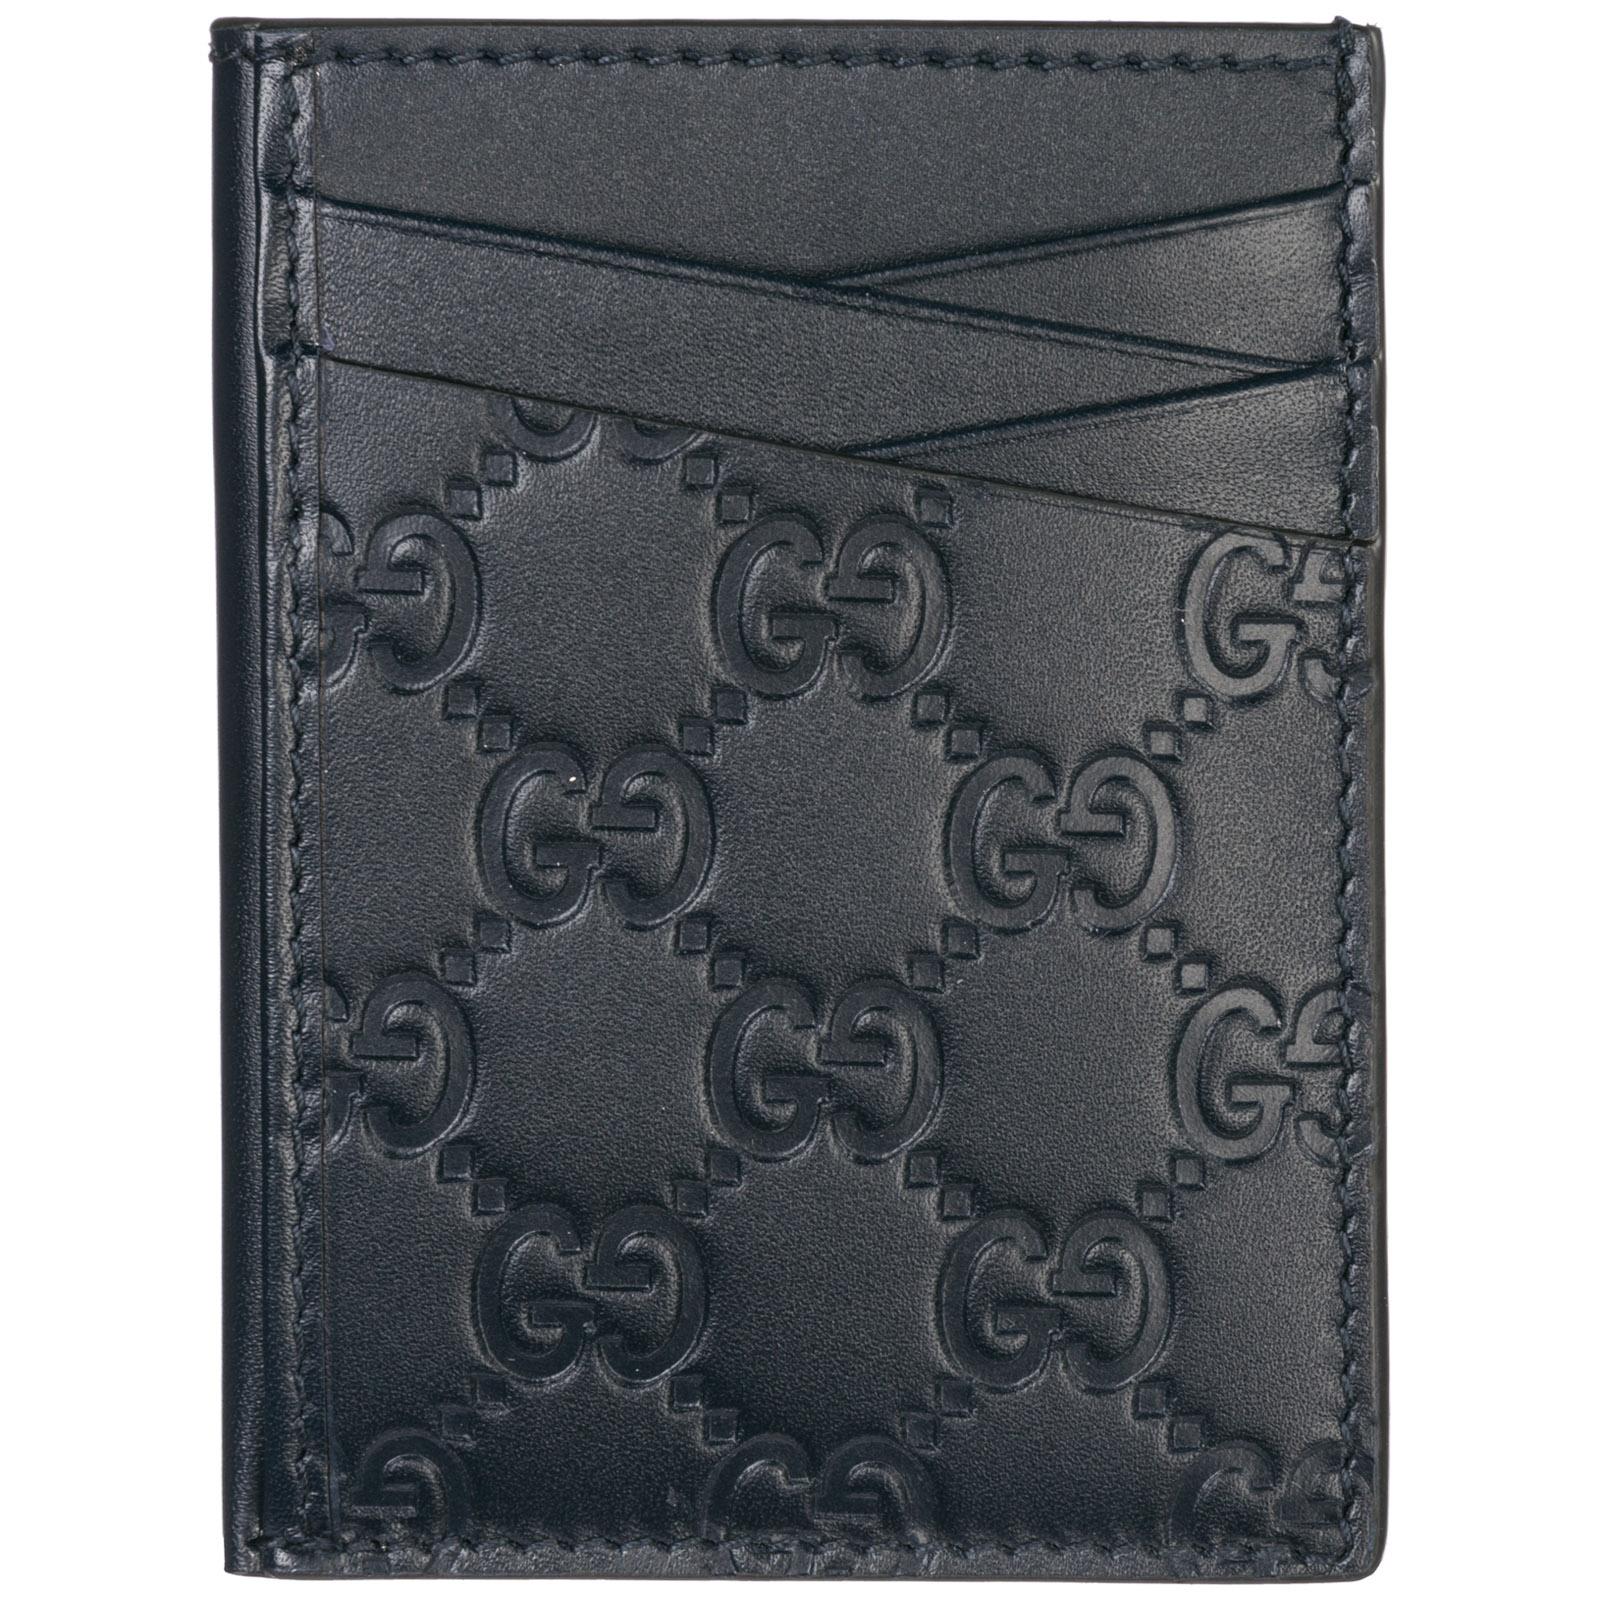 4dbbccfd74a1 Porta carte di credito Gucci 495015 CWC1R 4009 blu | FRMODA.com